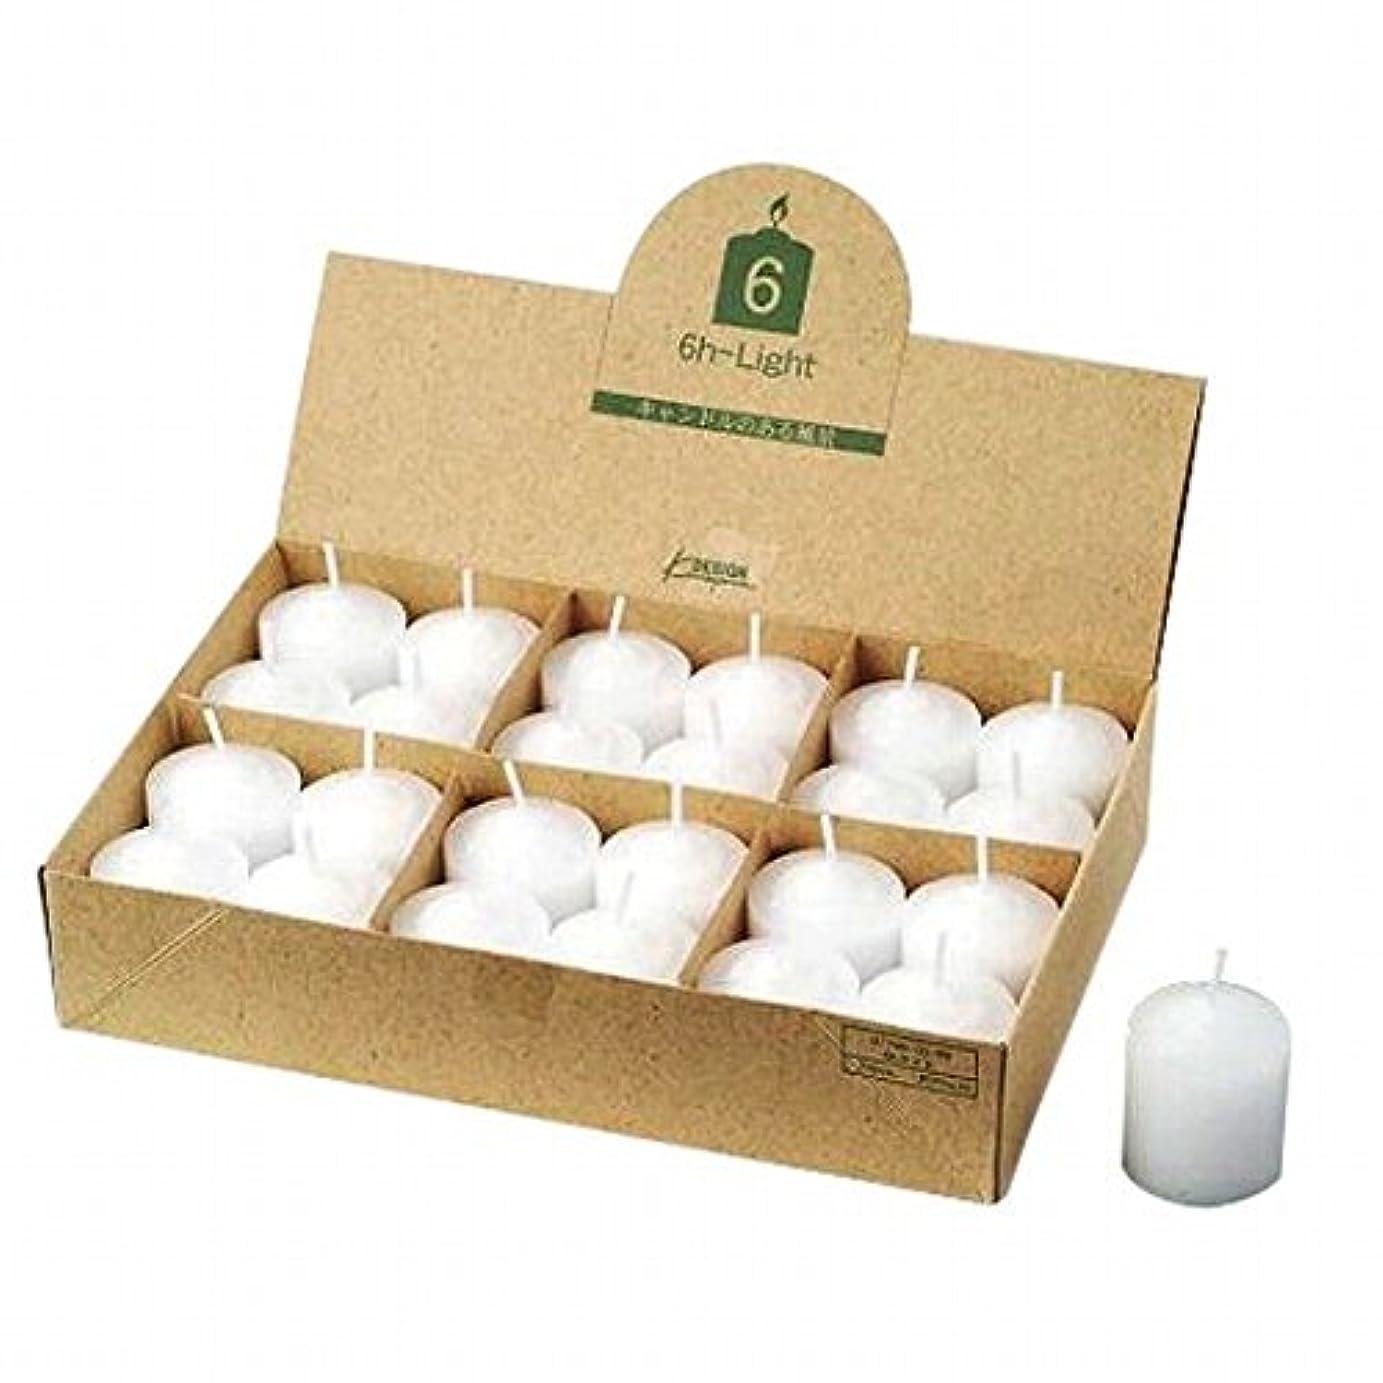 ジレンマ望ましい陰謀カメヤマキャンドル(kameyama candle) 6Hライト(6時間タイプ)24個入り(日本製)